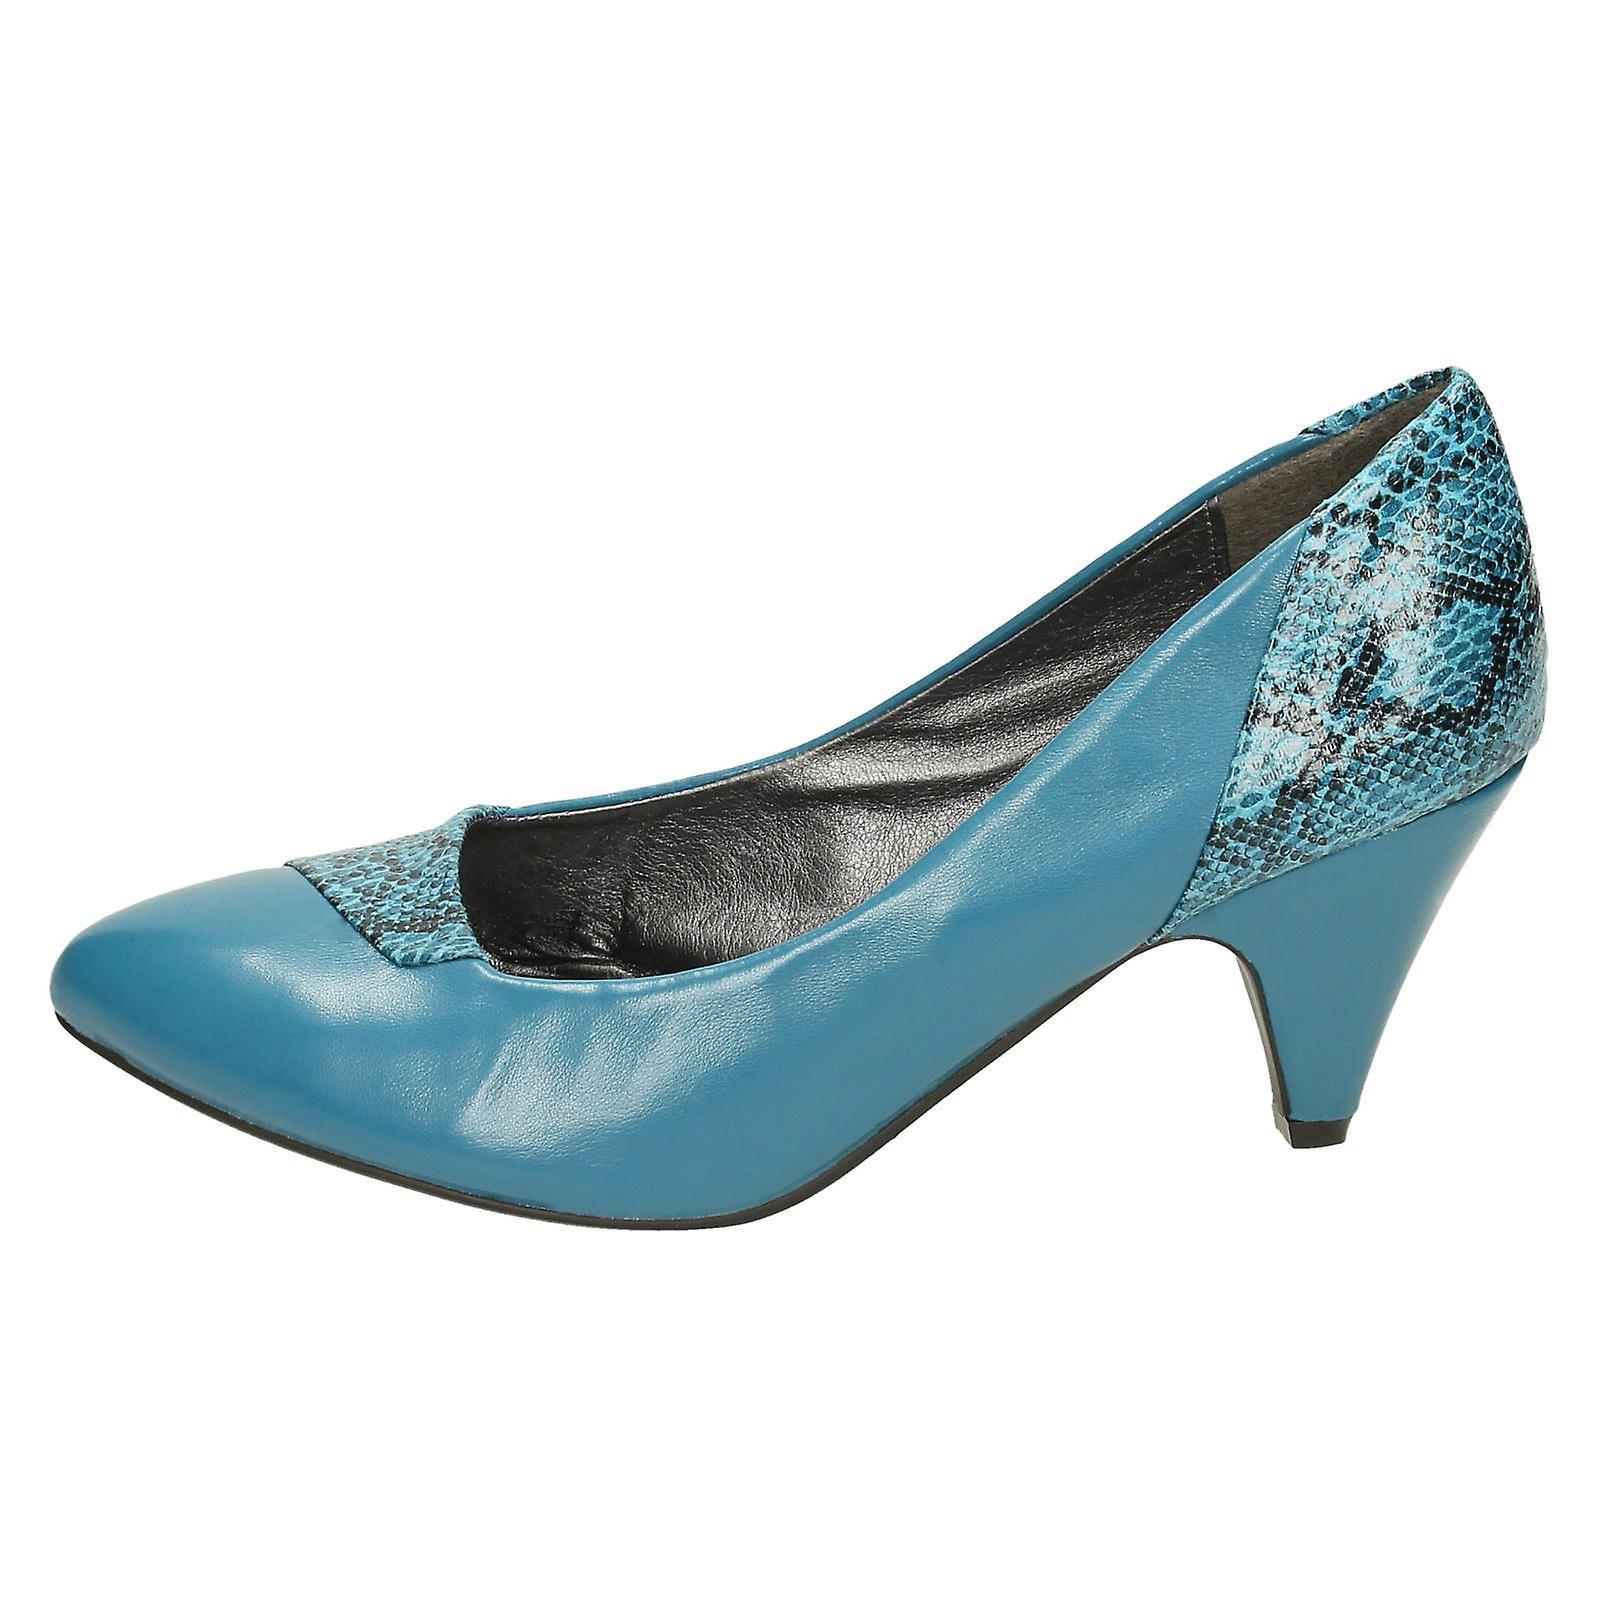 Spot De Dames Sur Cour Talons Chaussures F9409